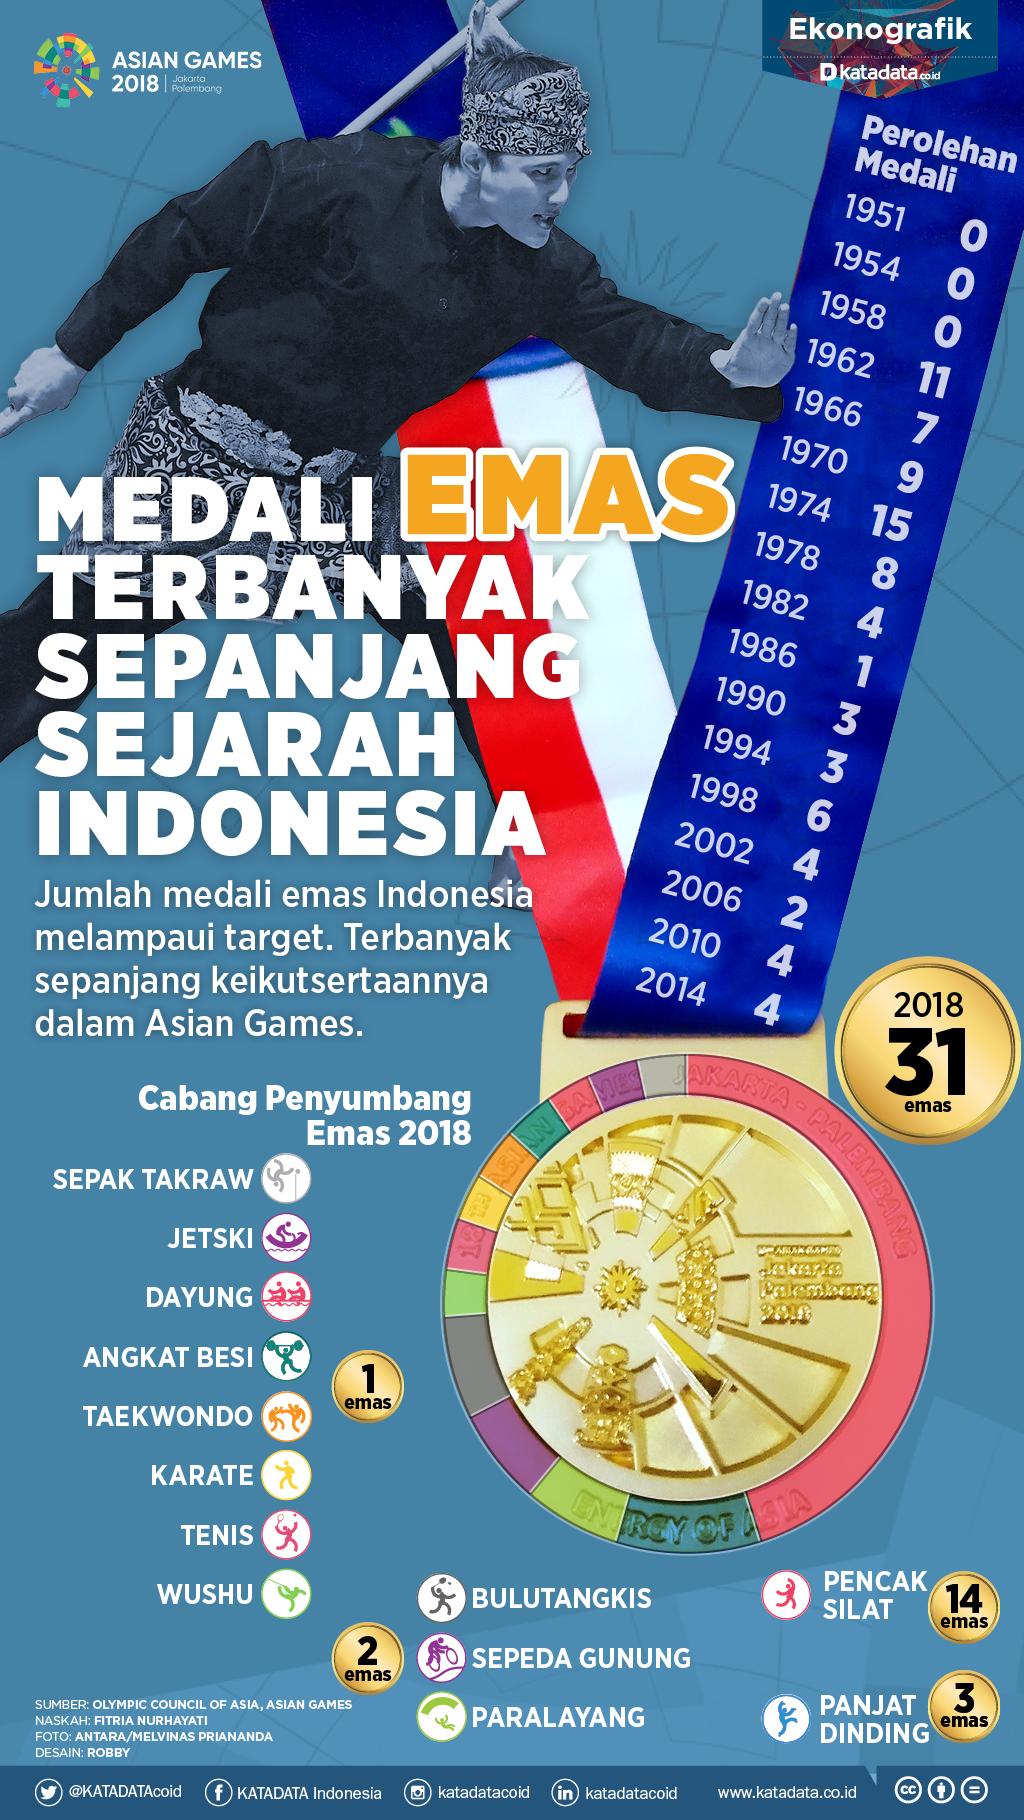 Medali Emas Terbanyak Indonesia Sepanjang Sejarah